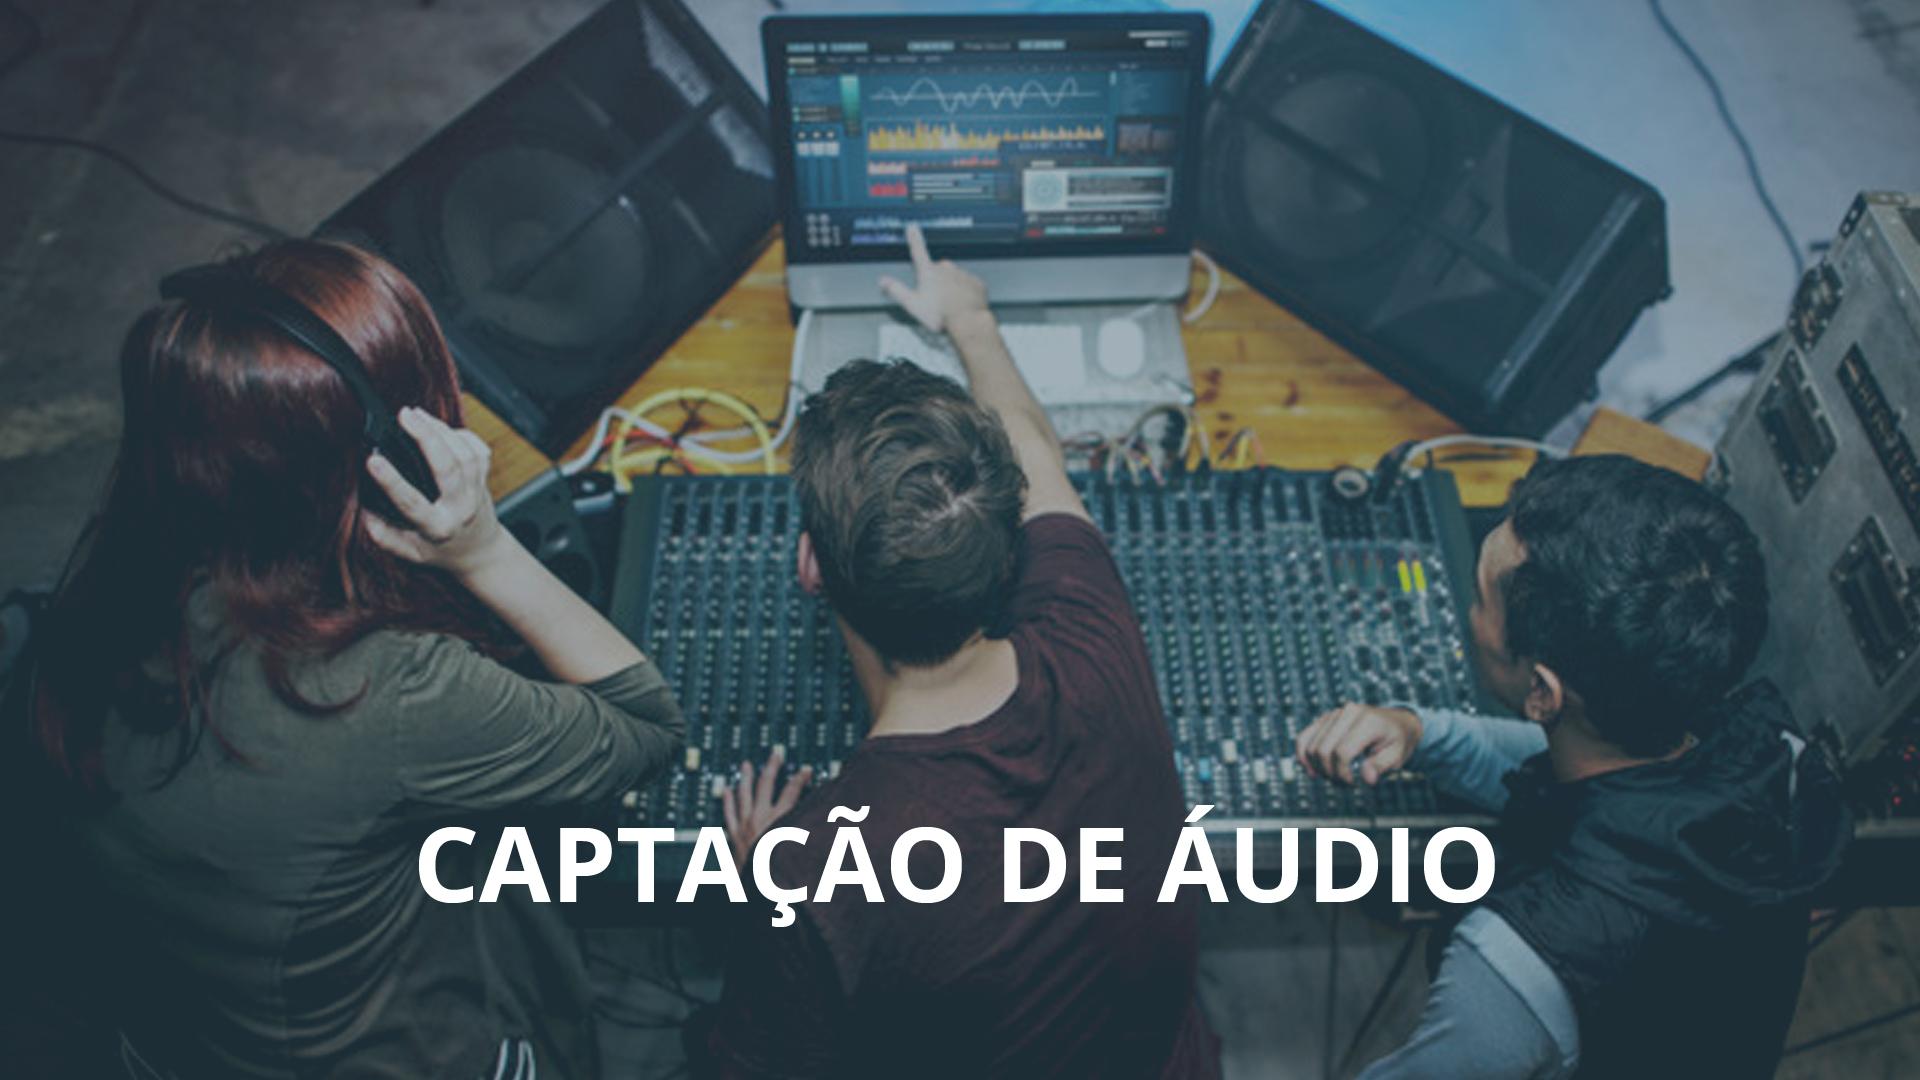 Captação De Áudio